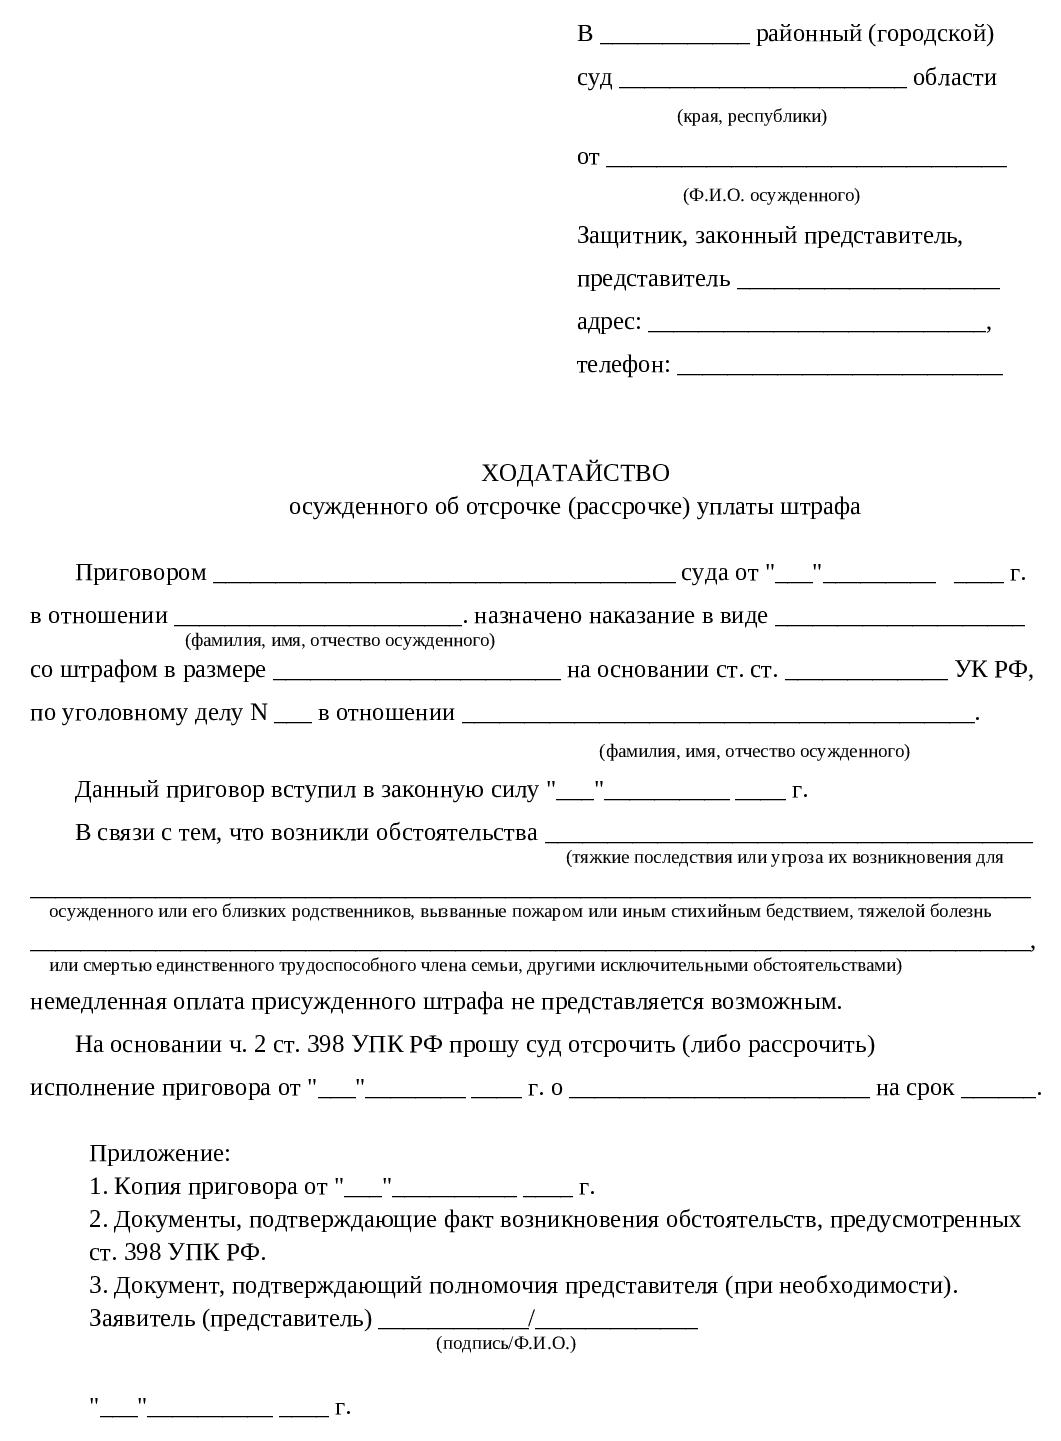 Заявление об отсрочке/рассрочке штрафа